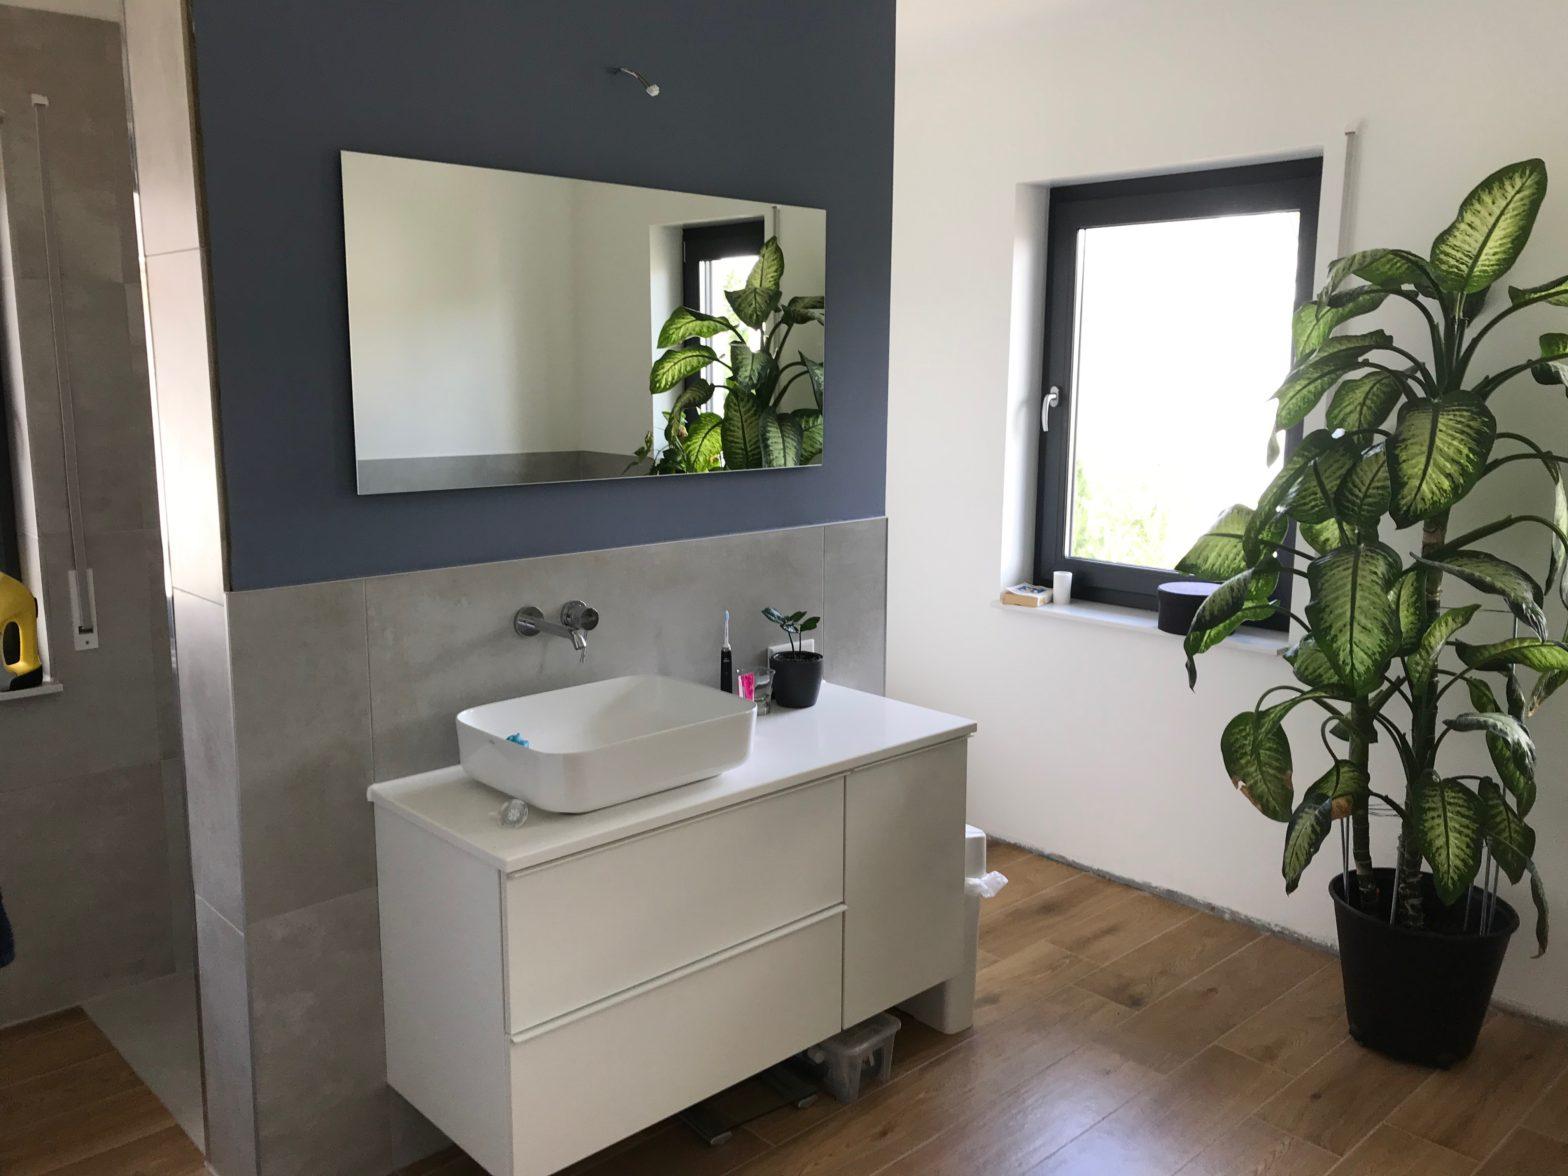 Badezimmer – Unsere Stadtvilla